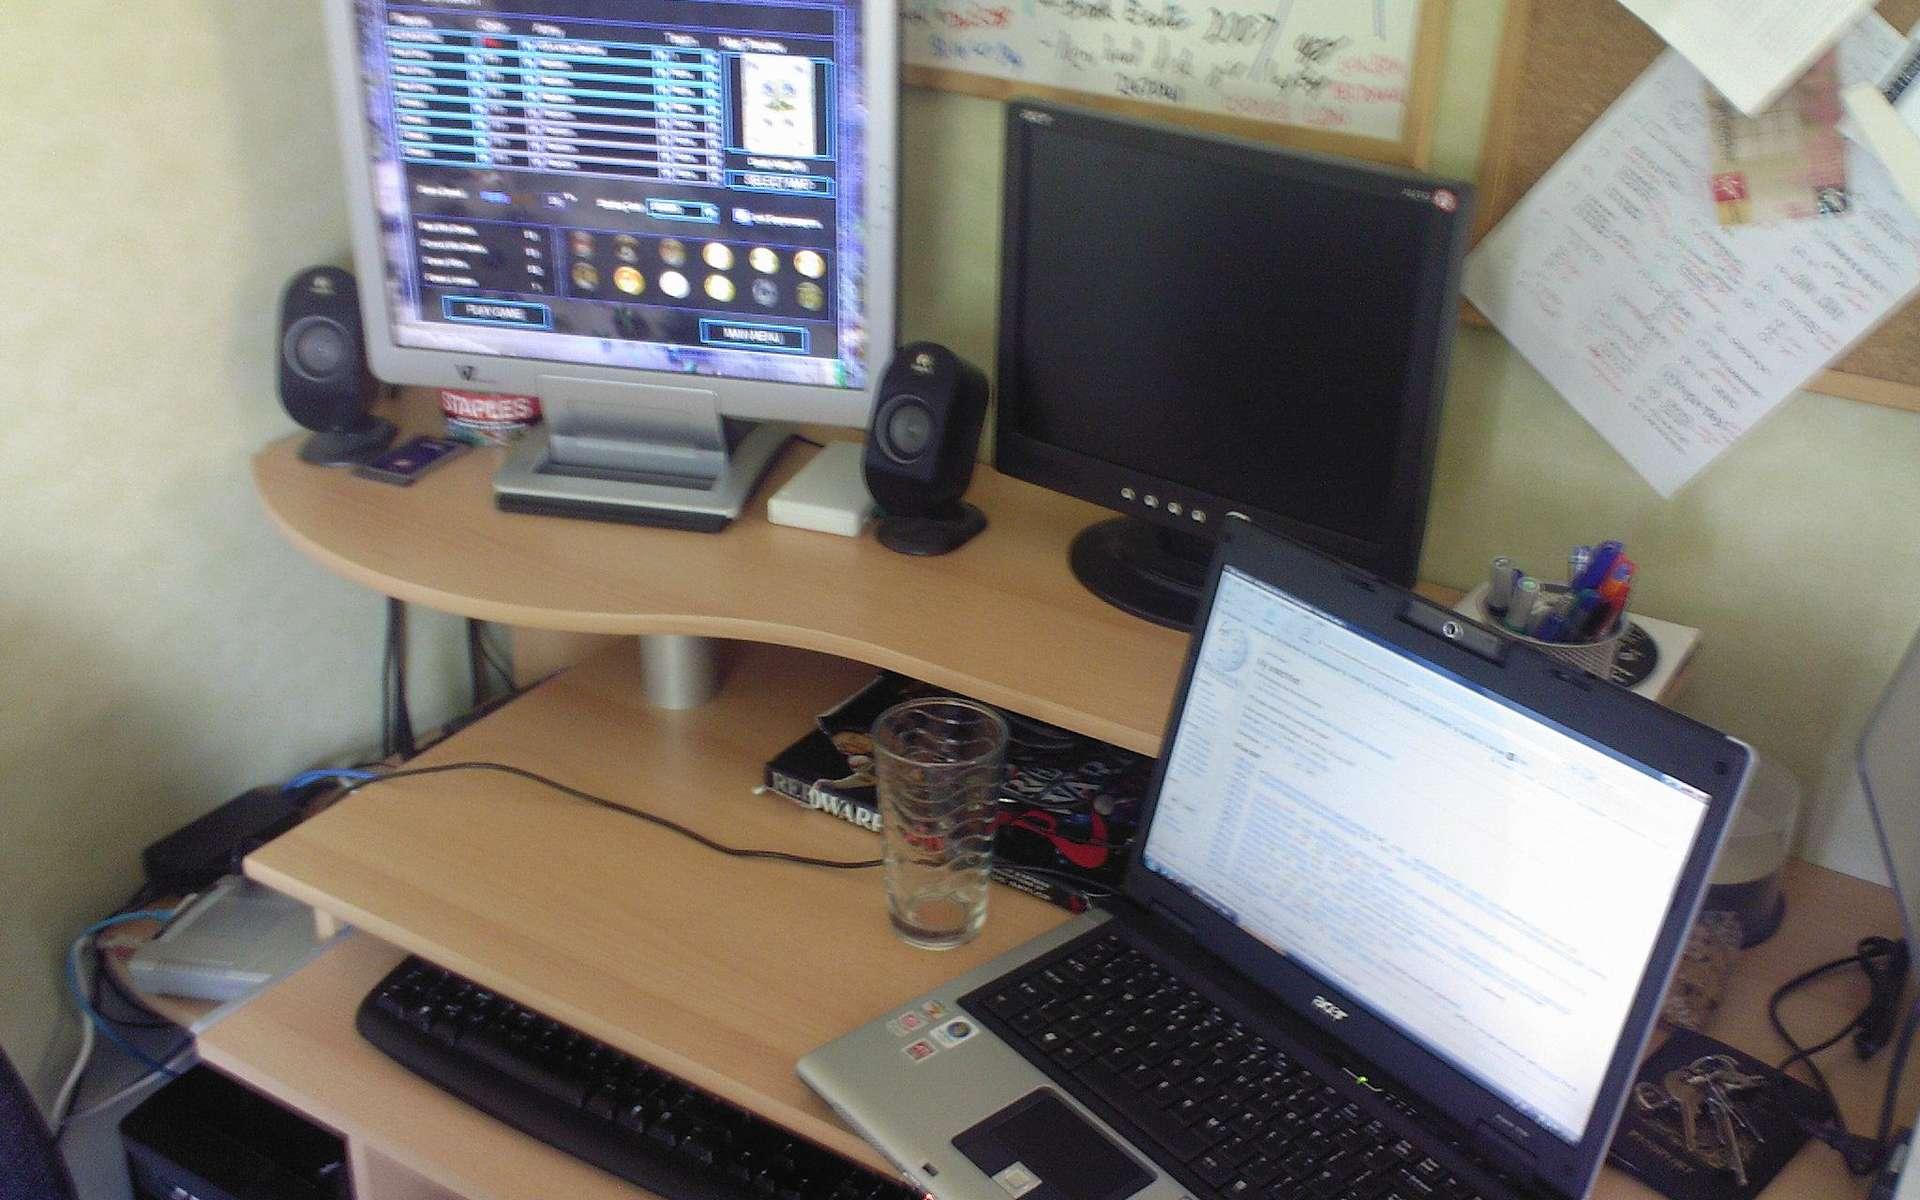 On ne choisit pas son bureau en fonction de sa seule esthétique. Il est bon également de tenir compte de nos besoins, des appareils à y poser, de notre confort et de la taille de la pièce dans laquelle il sera placé. © Deskana, Wikimedia Commons, cc by sa 3.0